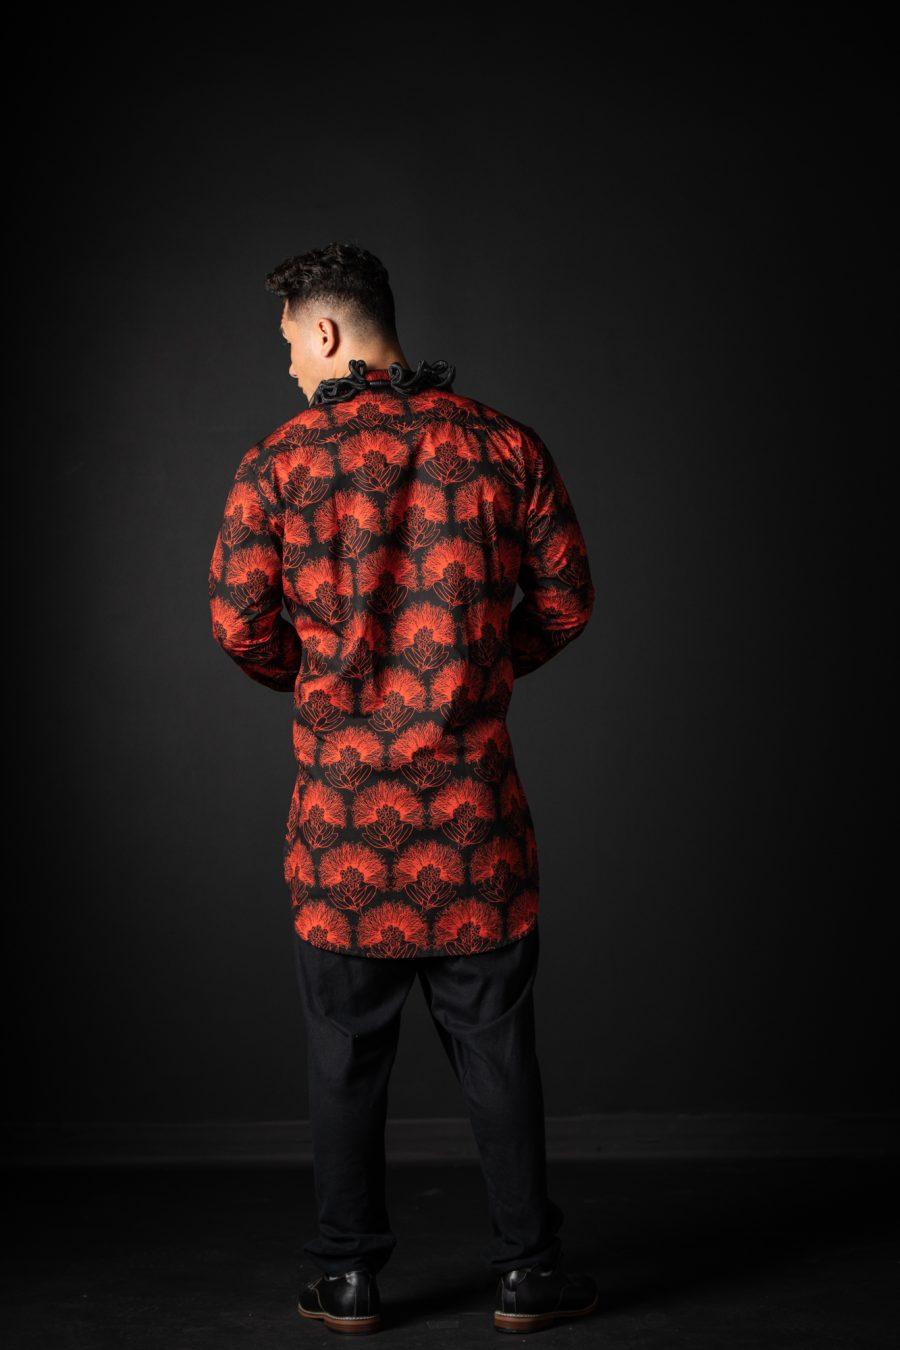 Male model wearing Pake Shirt in Black Firey Red Kalihilehua Pattern - Back View